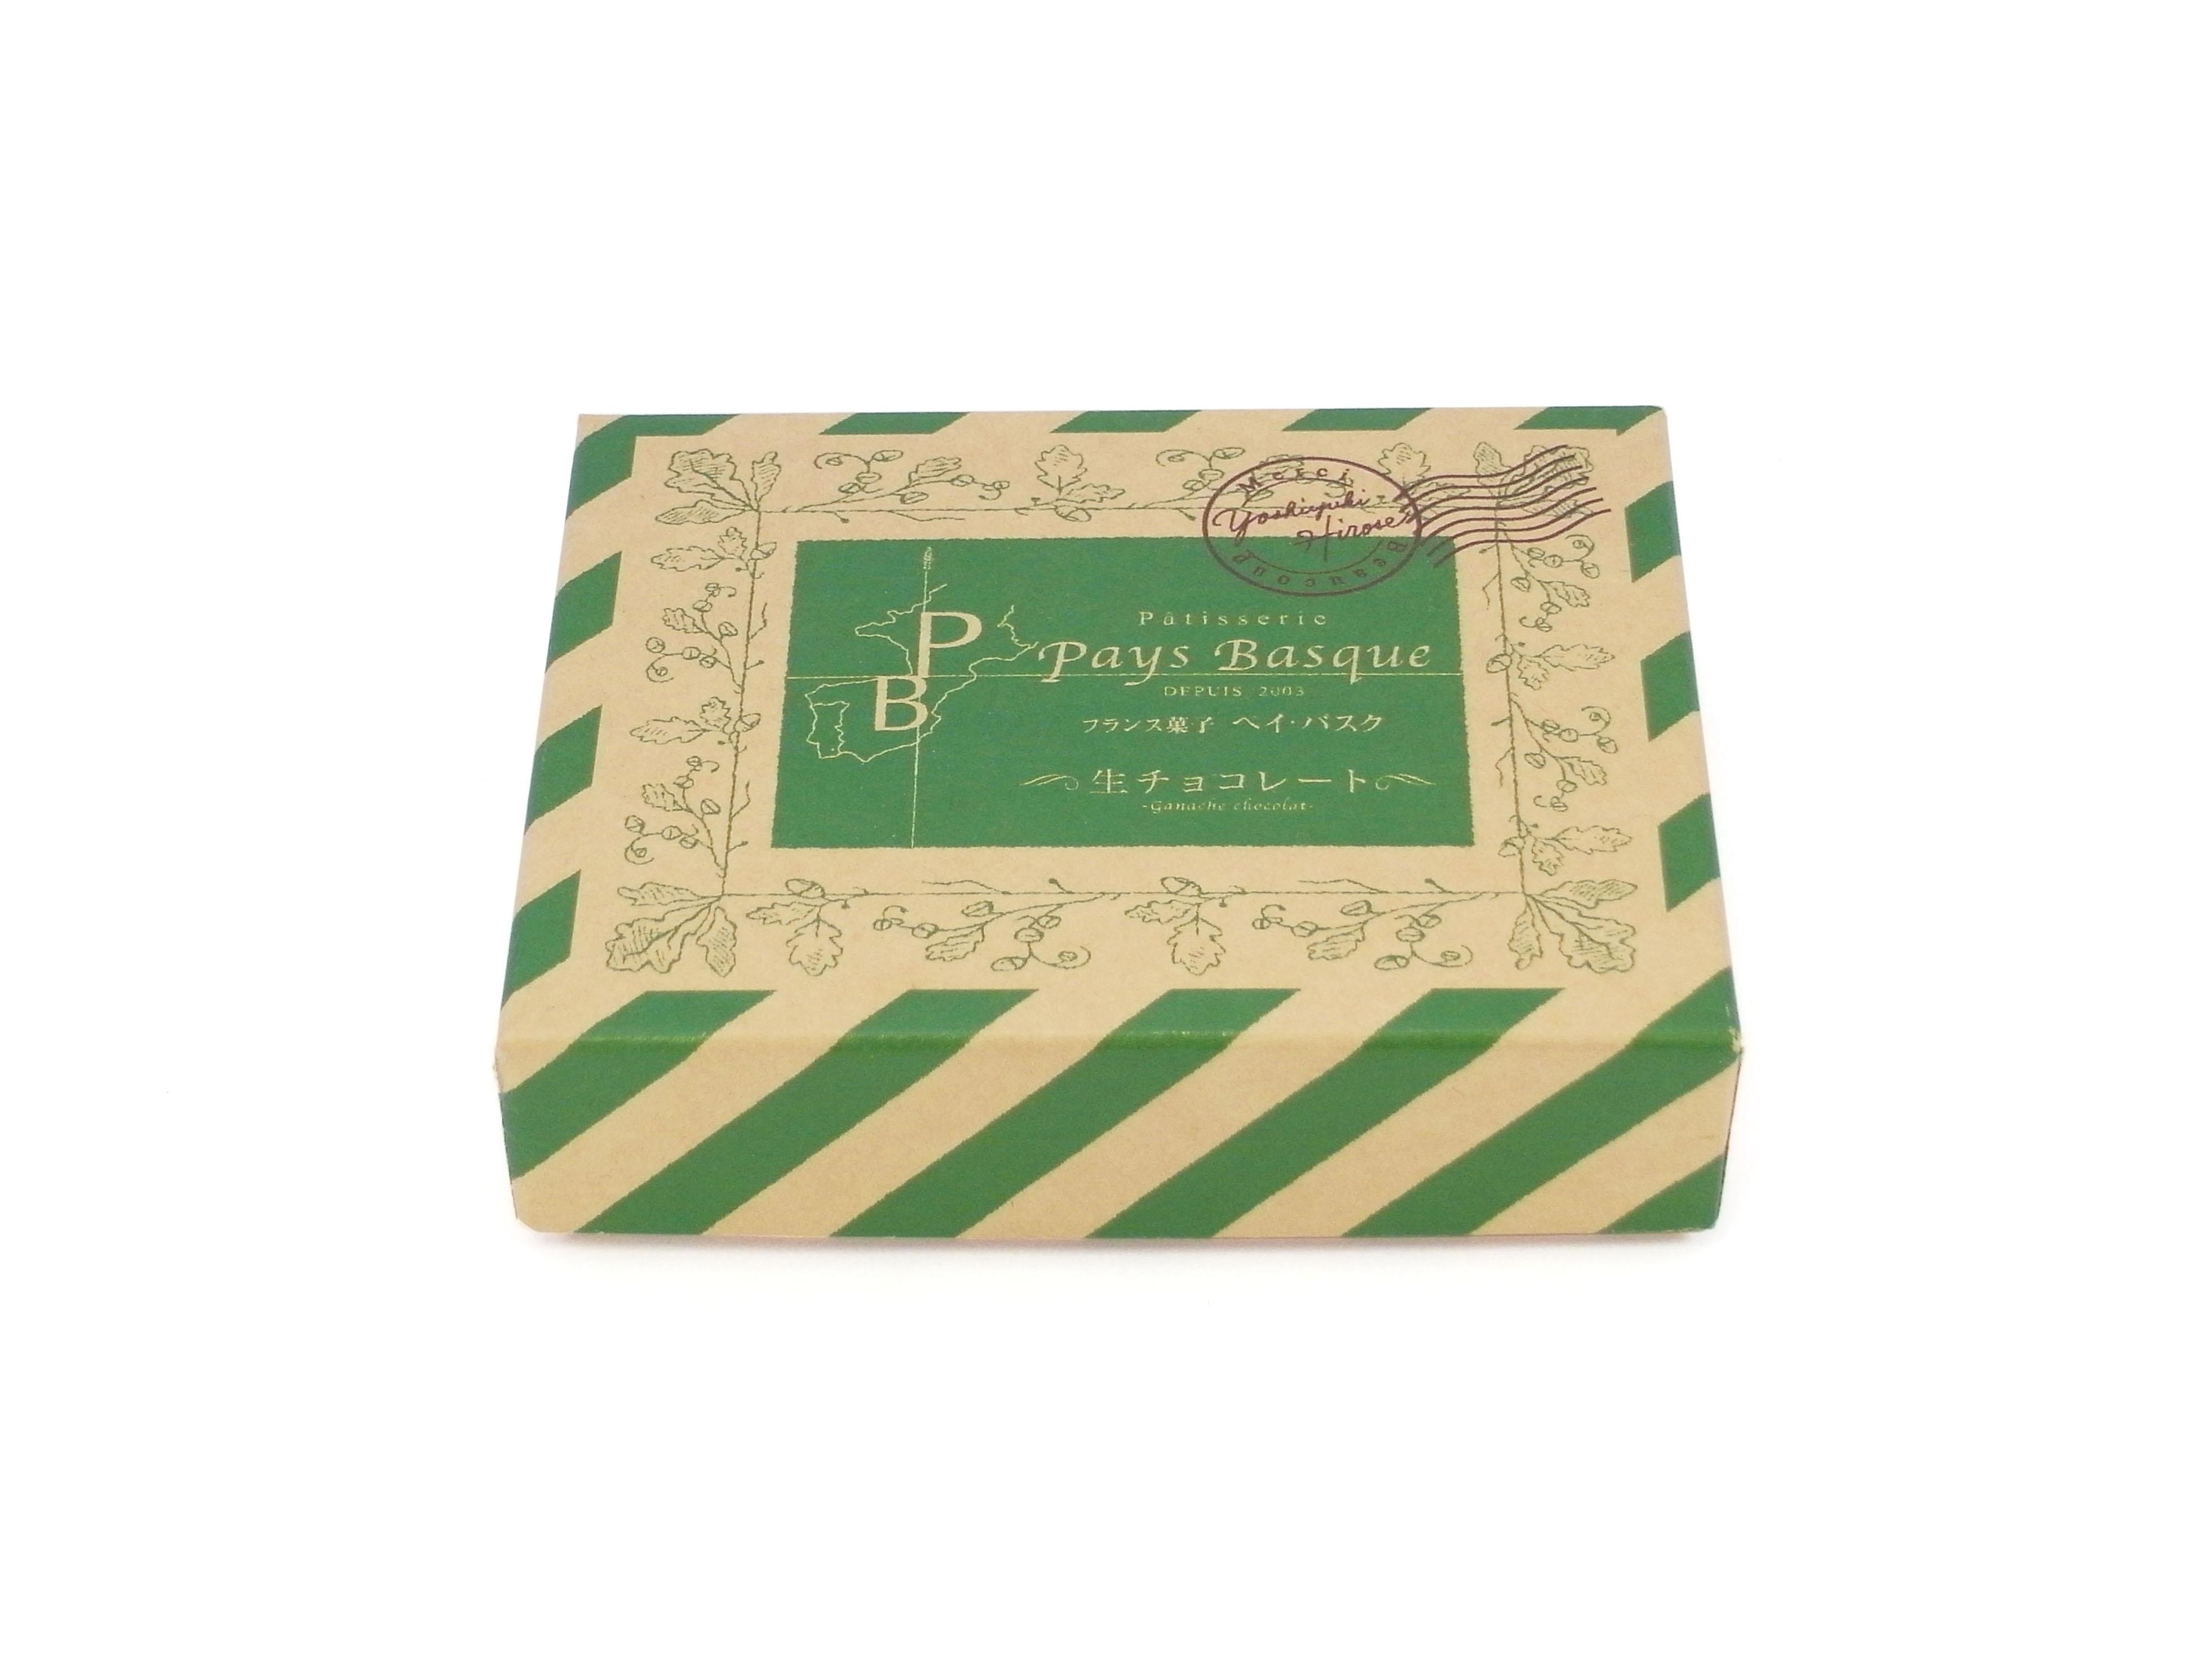 貼箱 オリジナル デザイン オンデマンド 洋菓子